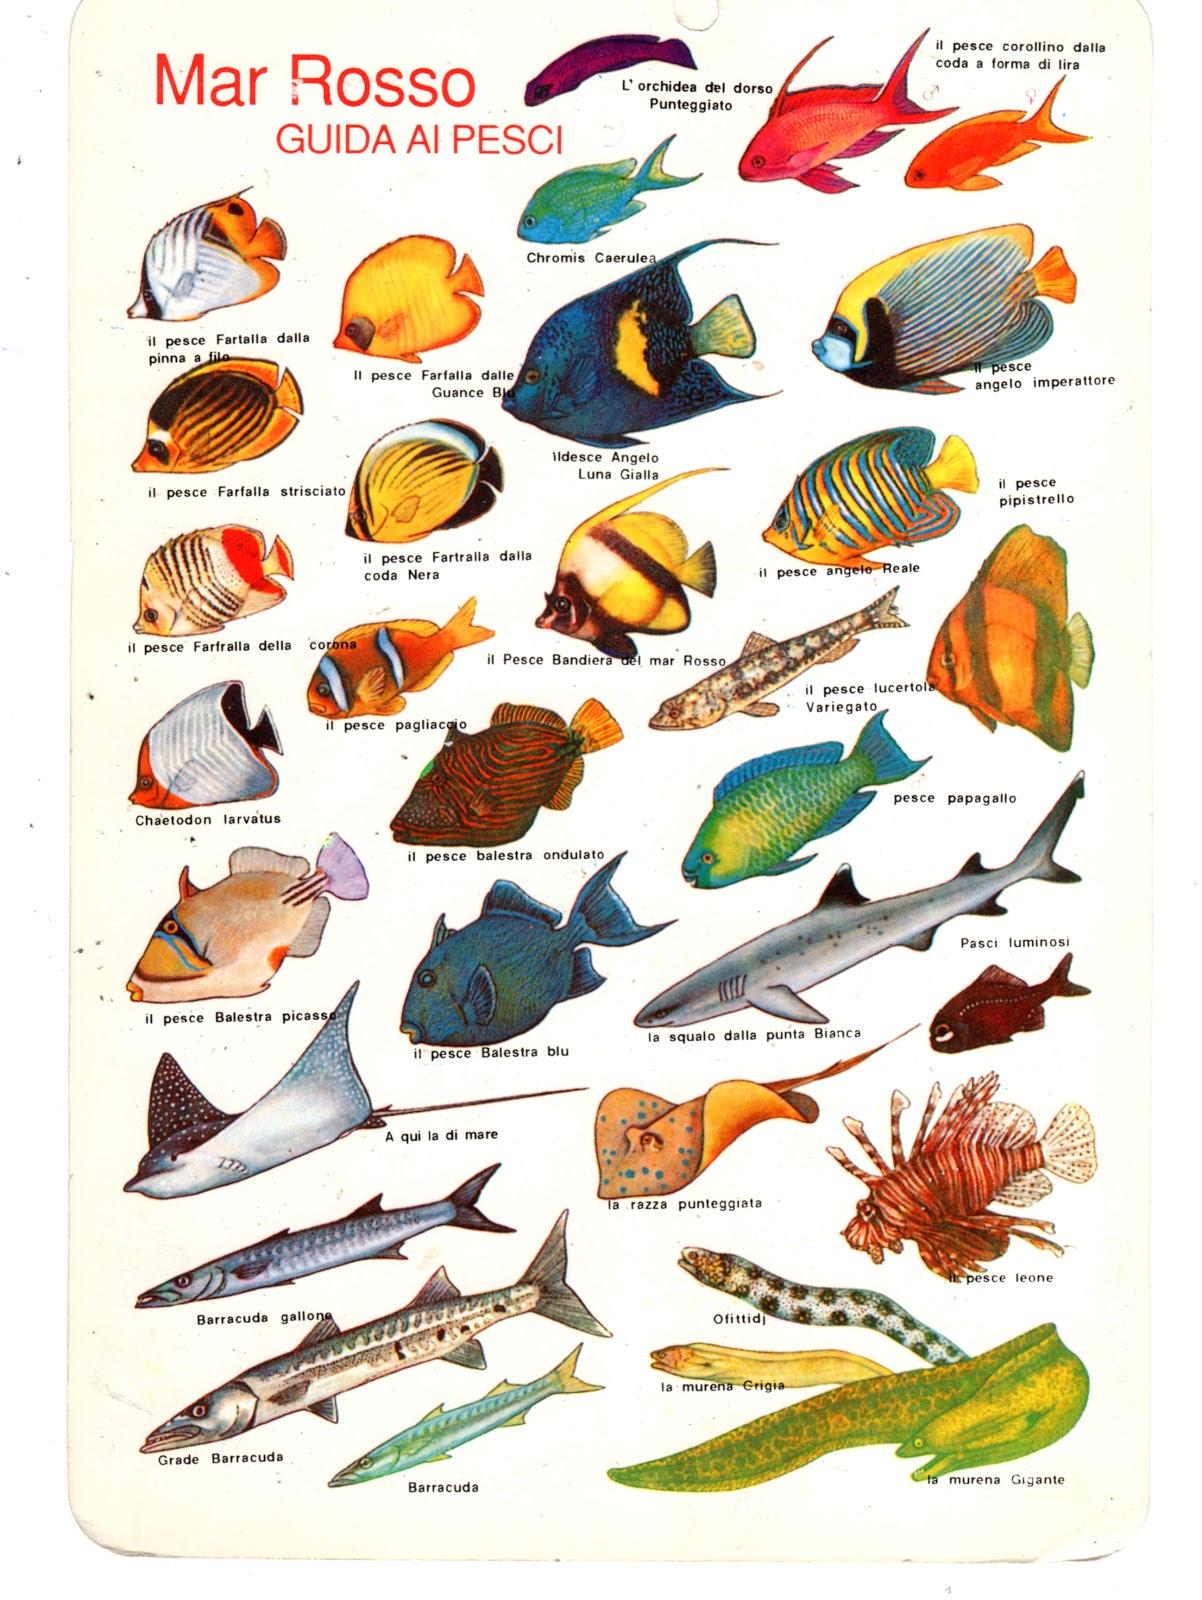 Elioarte: Guida Ai Pesci Sul Mar Rosso O Alle Maldive #BE950D 1202 1600 Foto Di Mobili Per Cucina